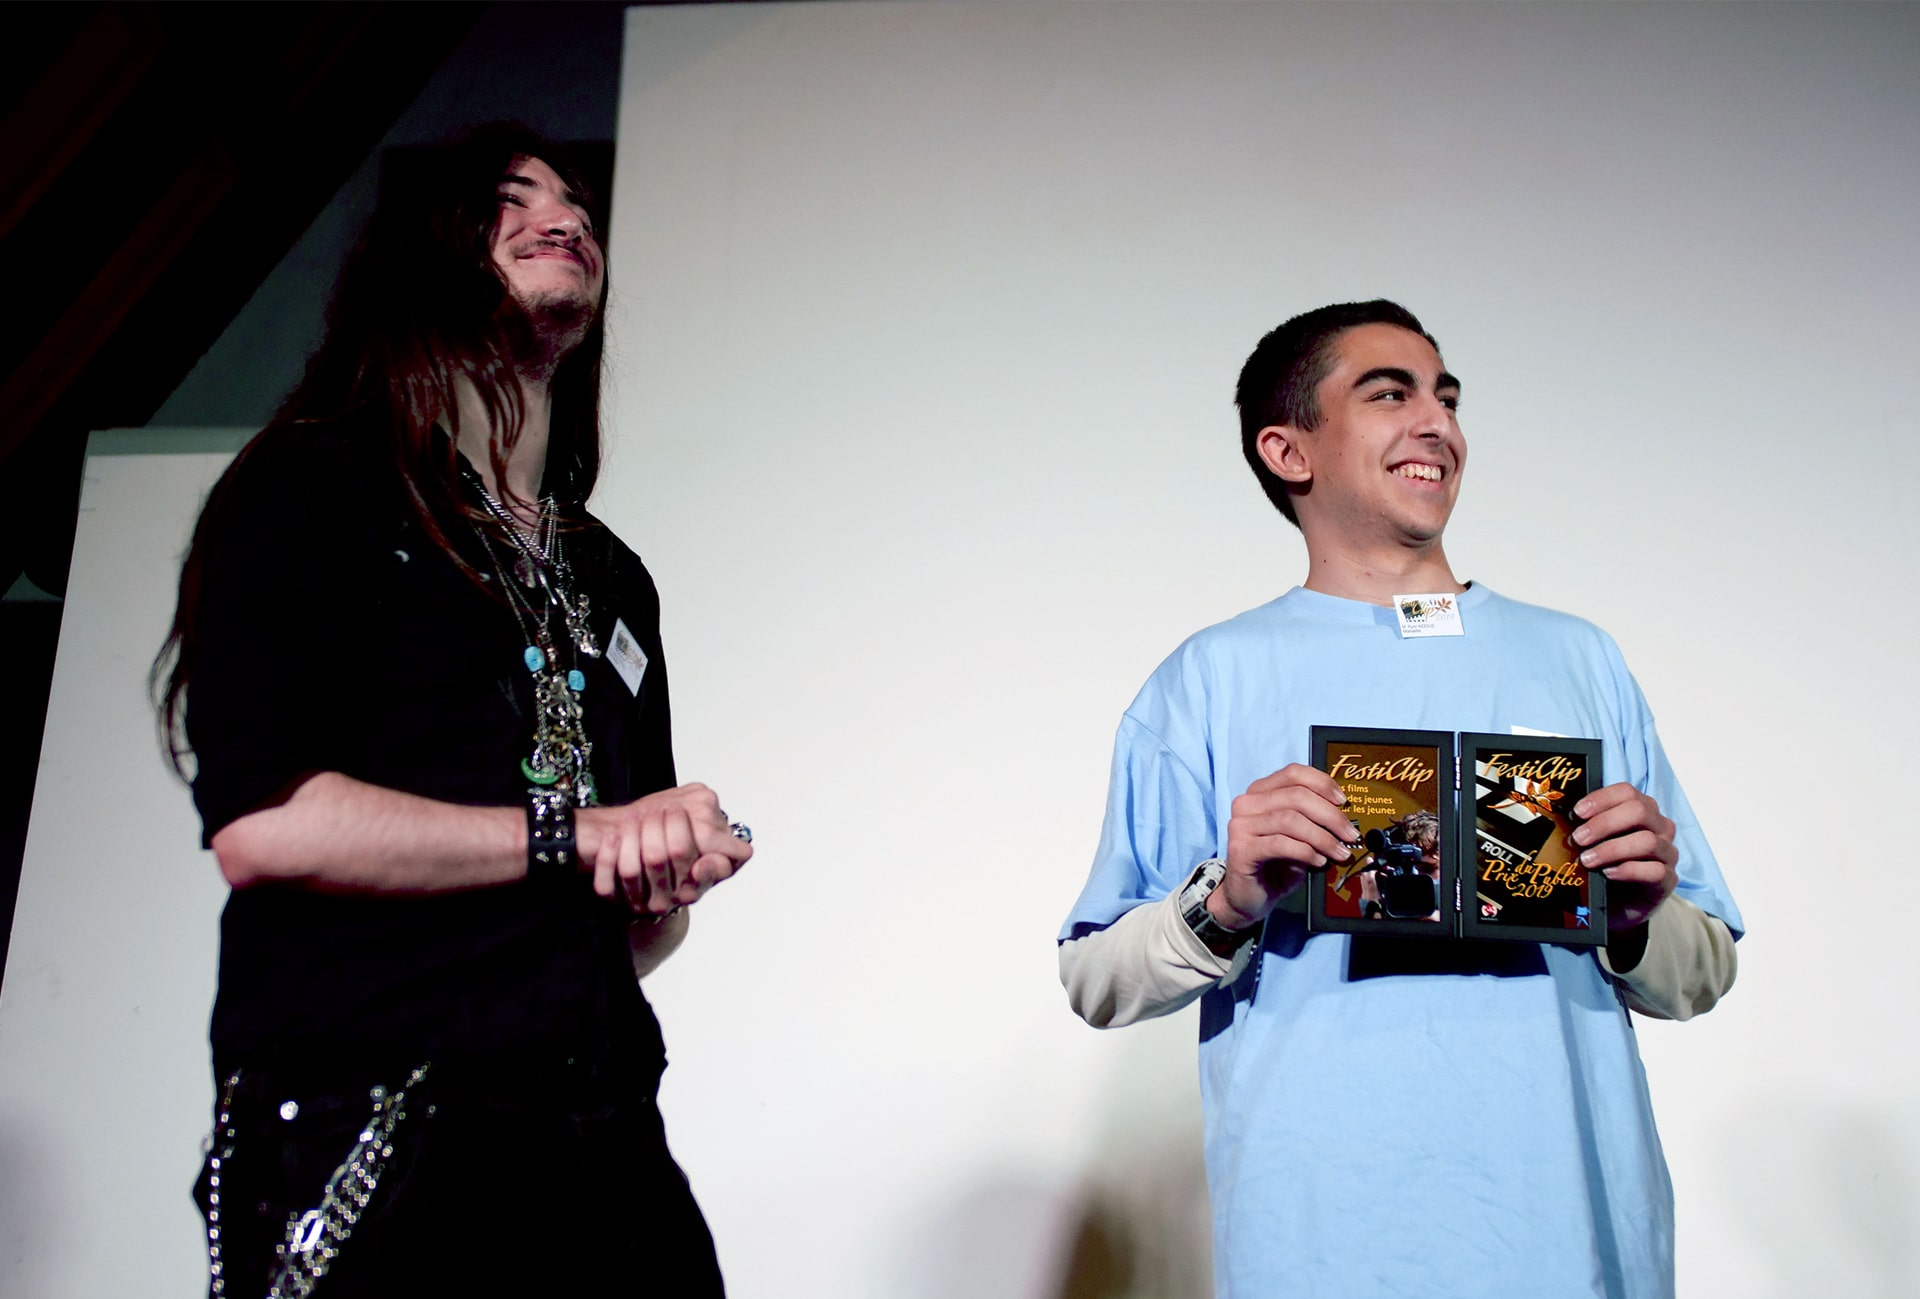 Don Bosco Marseille se voit attribué le prix du public.